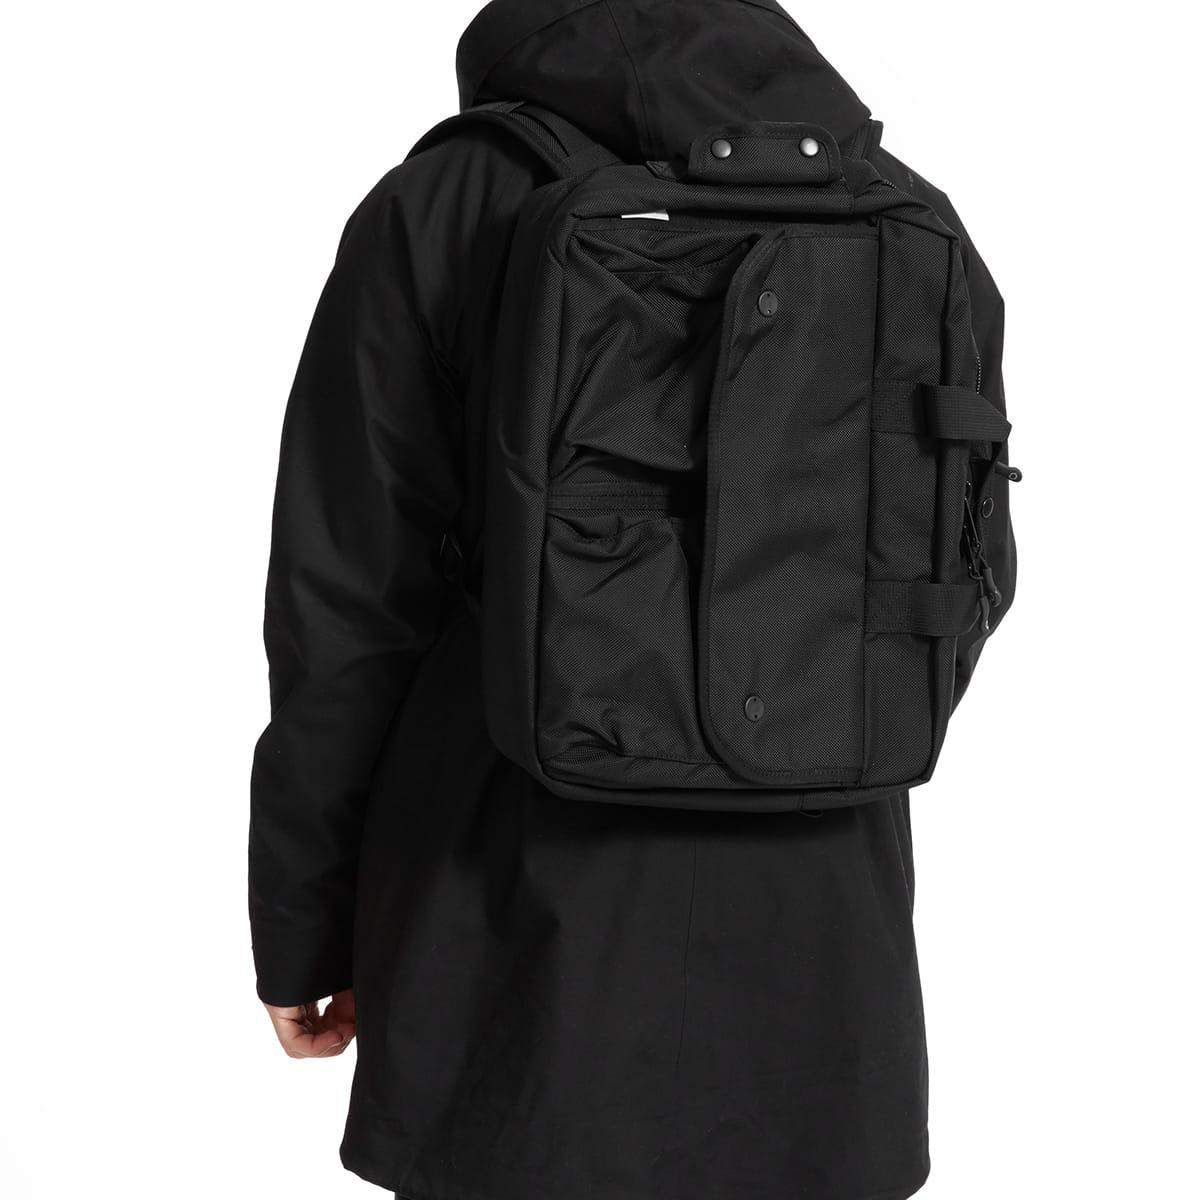 大容量バックパックに3Wayバッグ。ブランド「DSPTCH」であなたに寄り添うバッグ選びを life180405-dsptch6-1200x1200